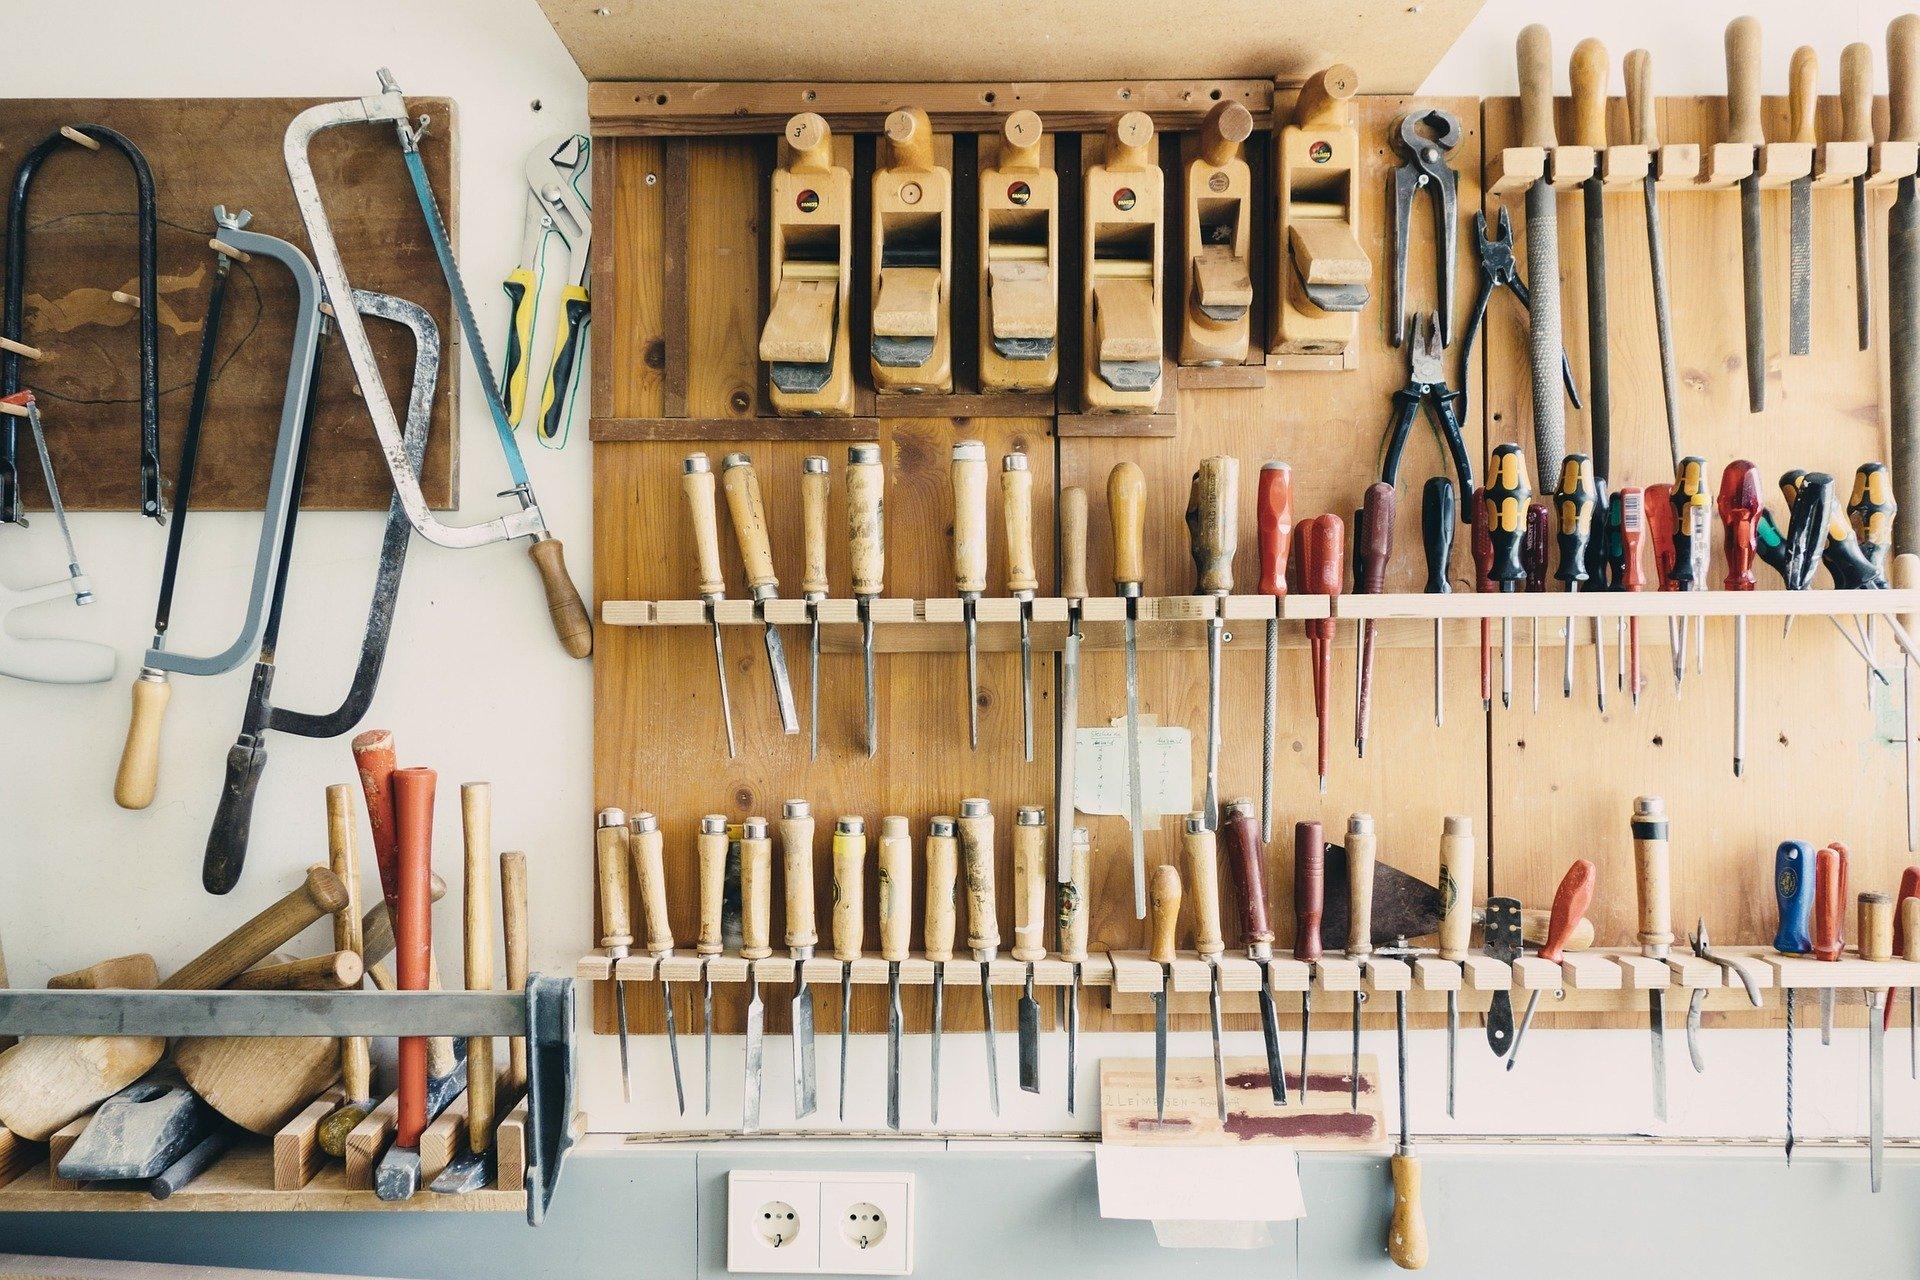 Idées cadeaux : des ateliers créatifs avec des artisans du 20ème